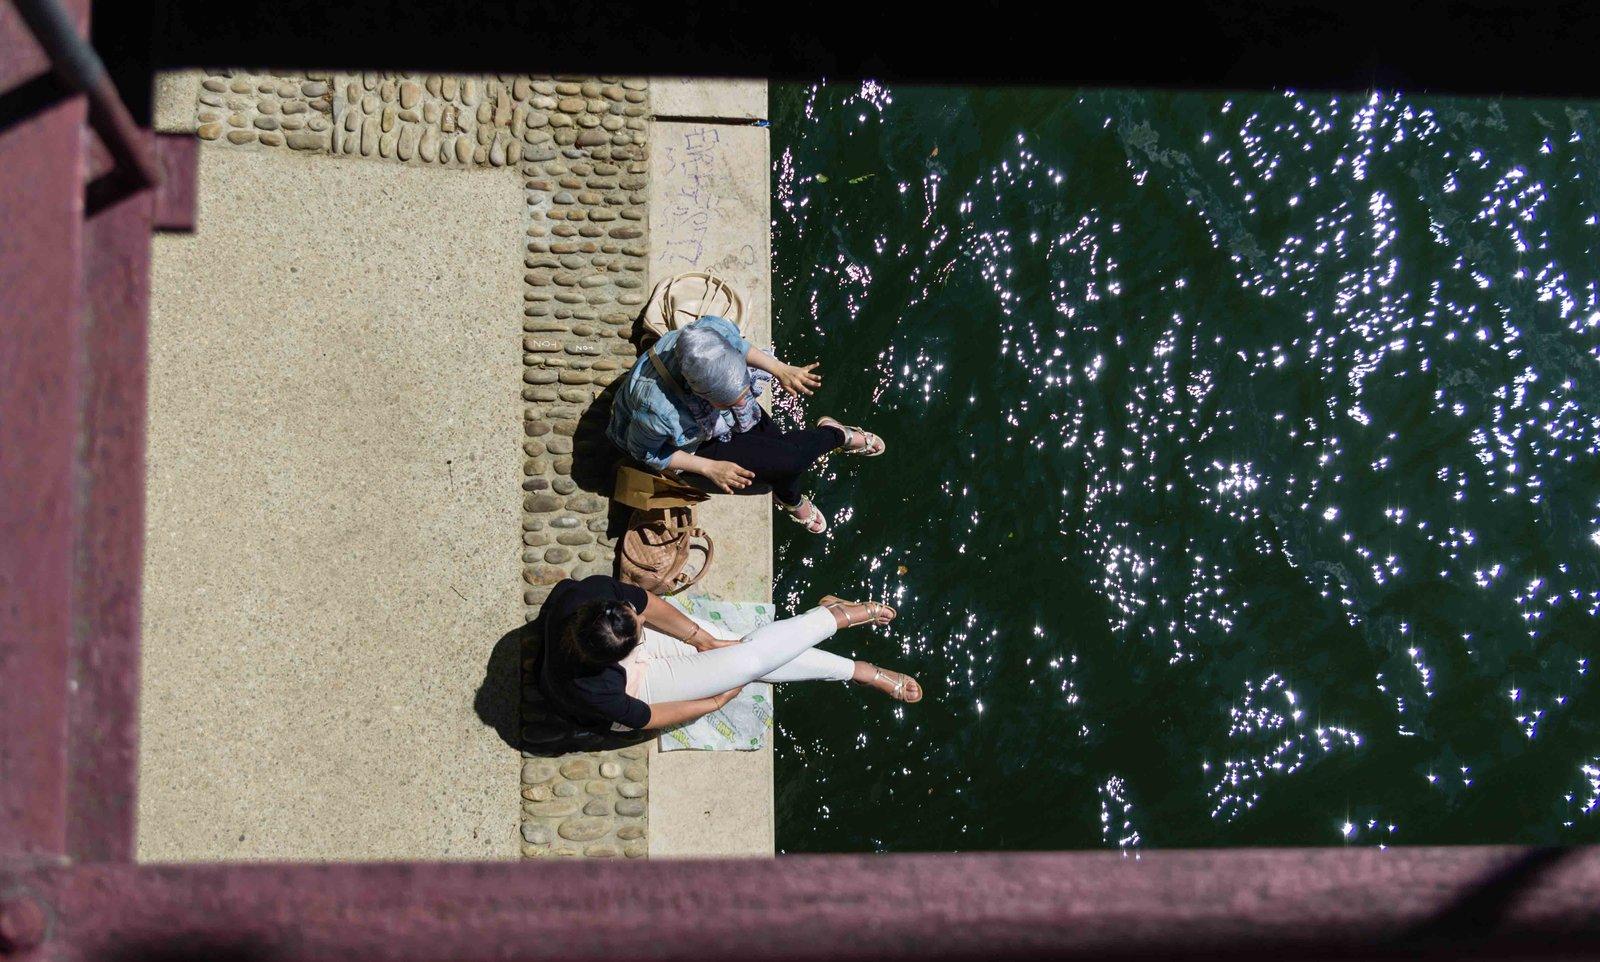 Architecture / Rues / Ambiance de ville / Paysages urbains - Page 23 201130093040536171